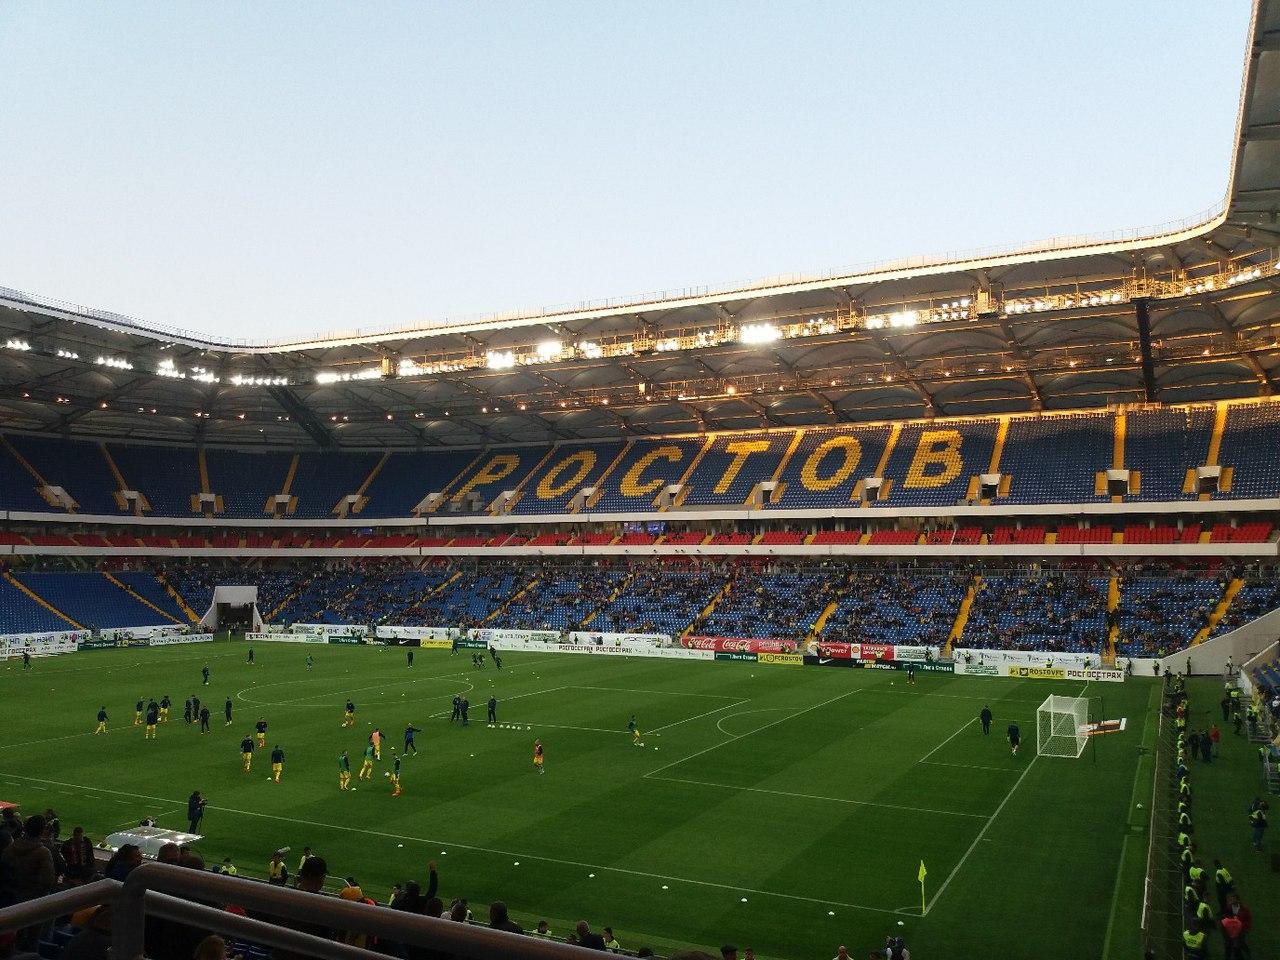 Стадион представляет из себя сооружение овальной формы, очертания стадиона напоминают волны — именно такая форма у козырька, накрывающего зрительские трибуны. Замкнутая конструкция имеет прямоугольный вырез над полем. Стадион состоит из трех яр